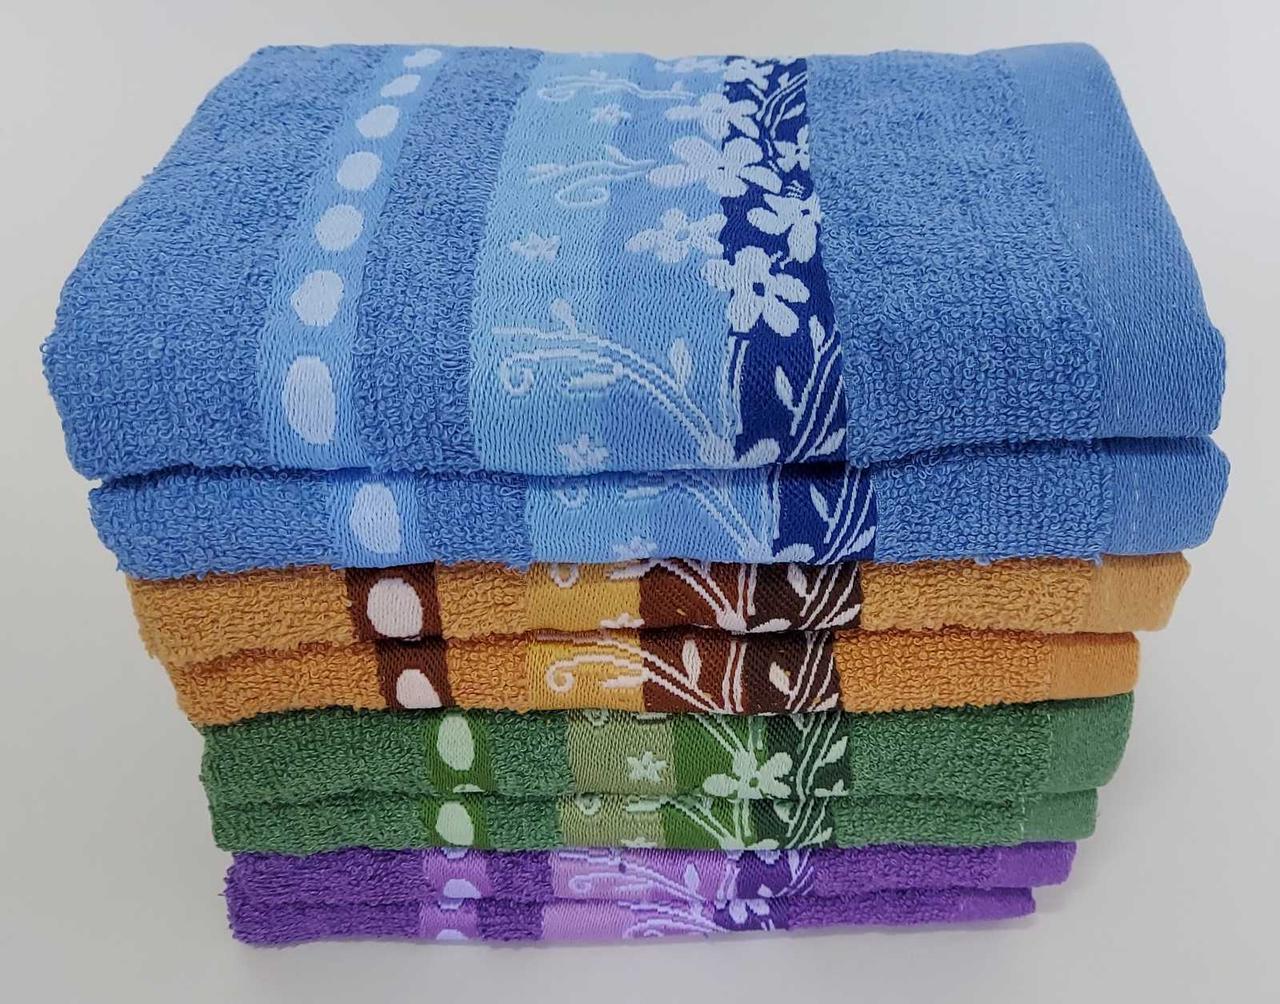 Махровые лицевые полотенца «Ромашковое поле»  с цветочным узором (8 шт)